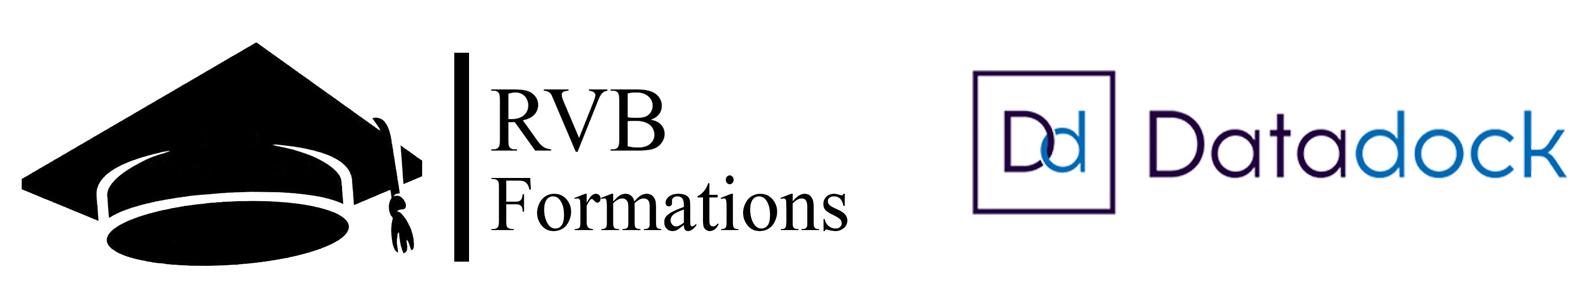 LOGO-RVB-FORMATION2